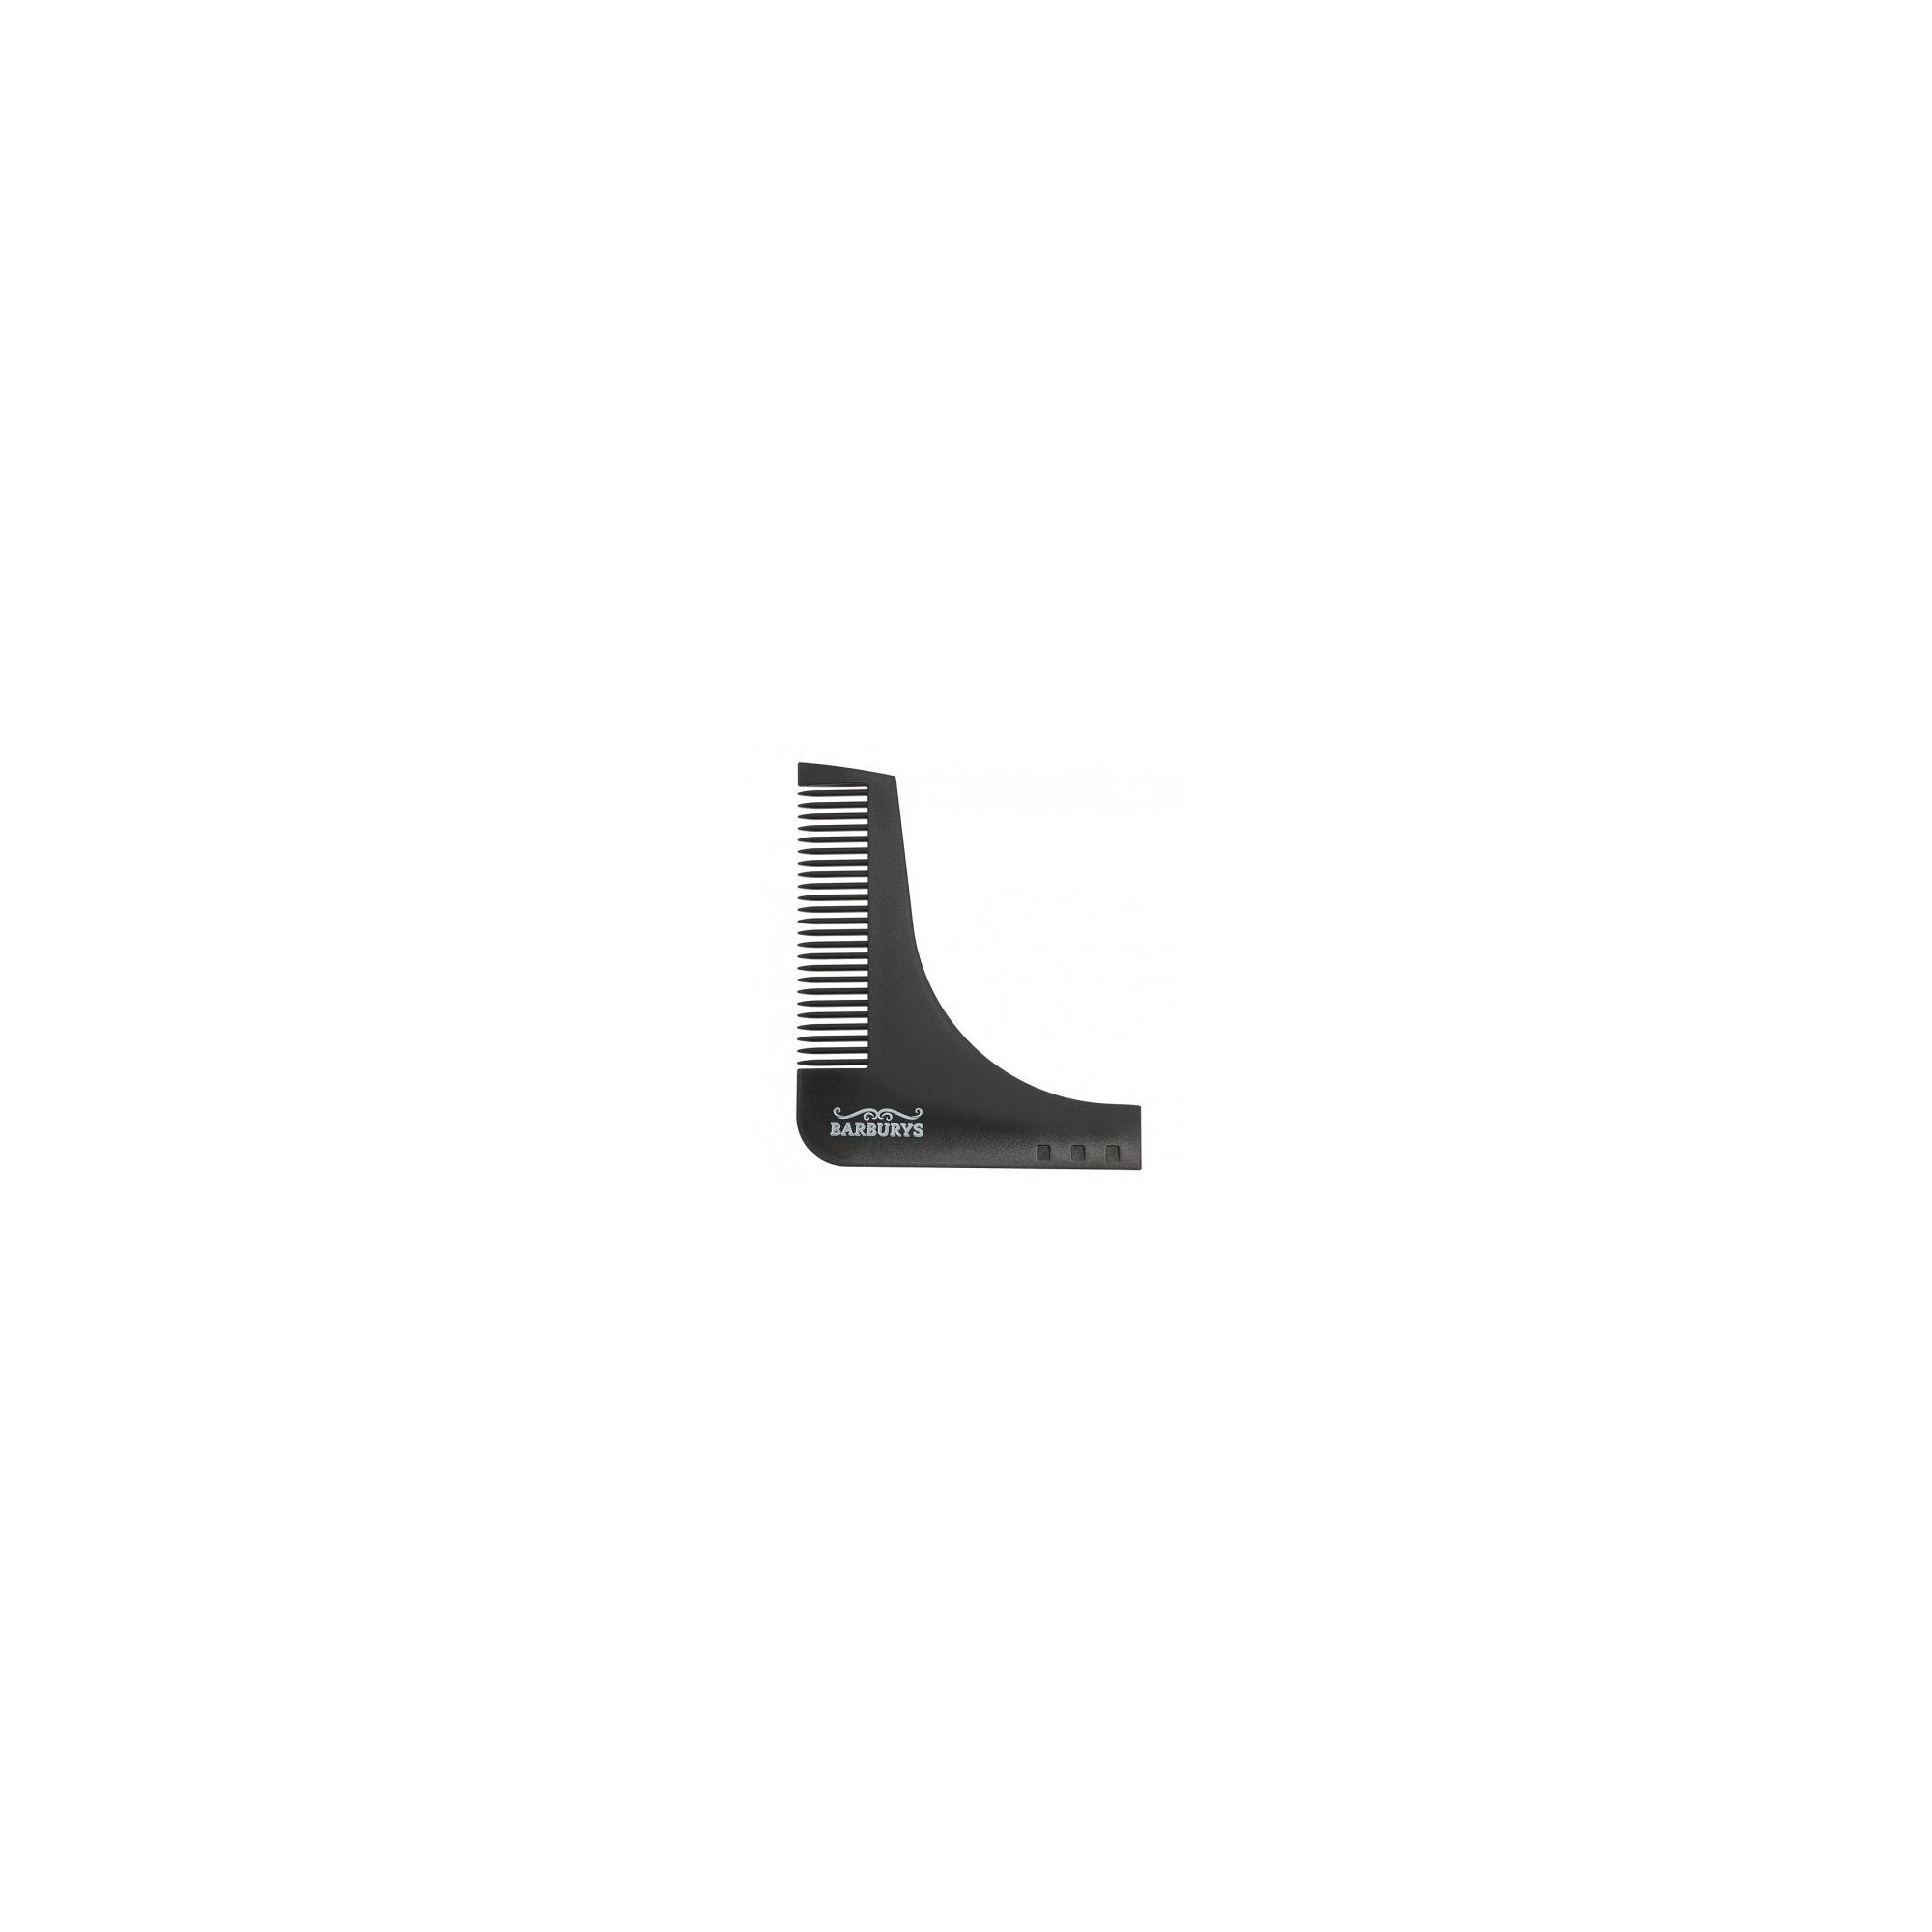 Il pettine realizzato da Barburys per modellare la vostra barba alla perfezione.